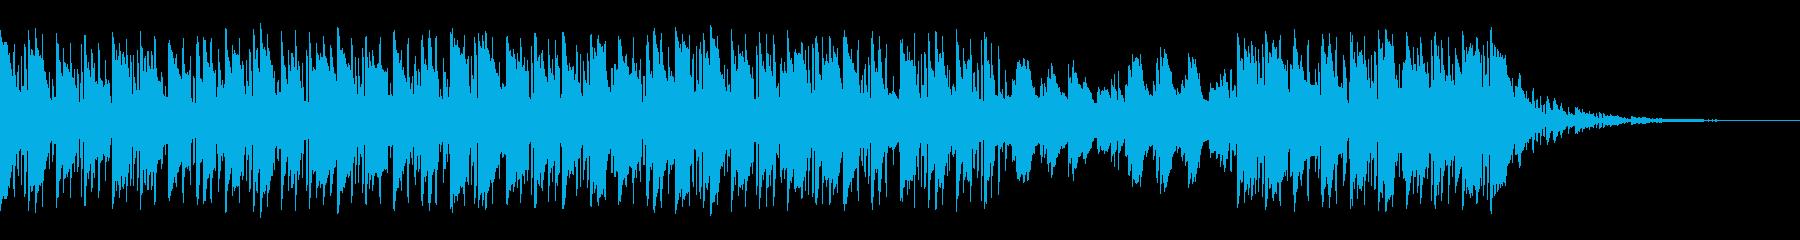 ソウルフルな音楽にギターソロが映えるの再生済みの波形